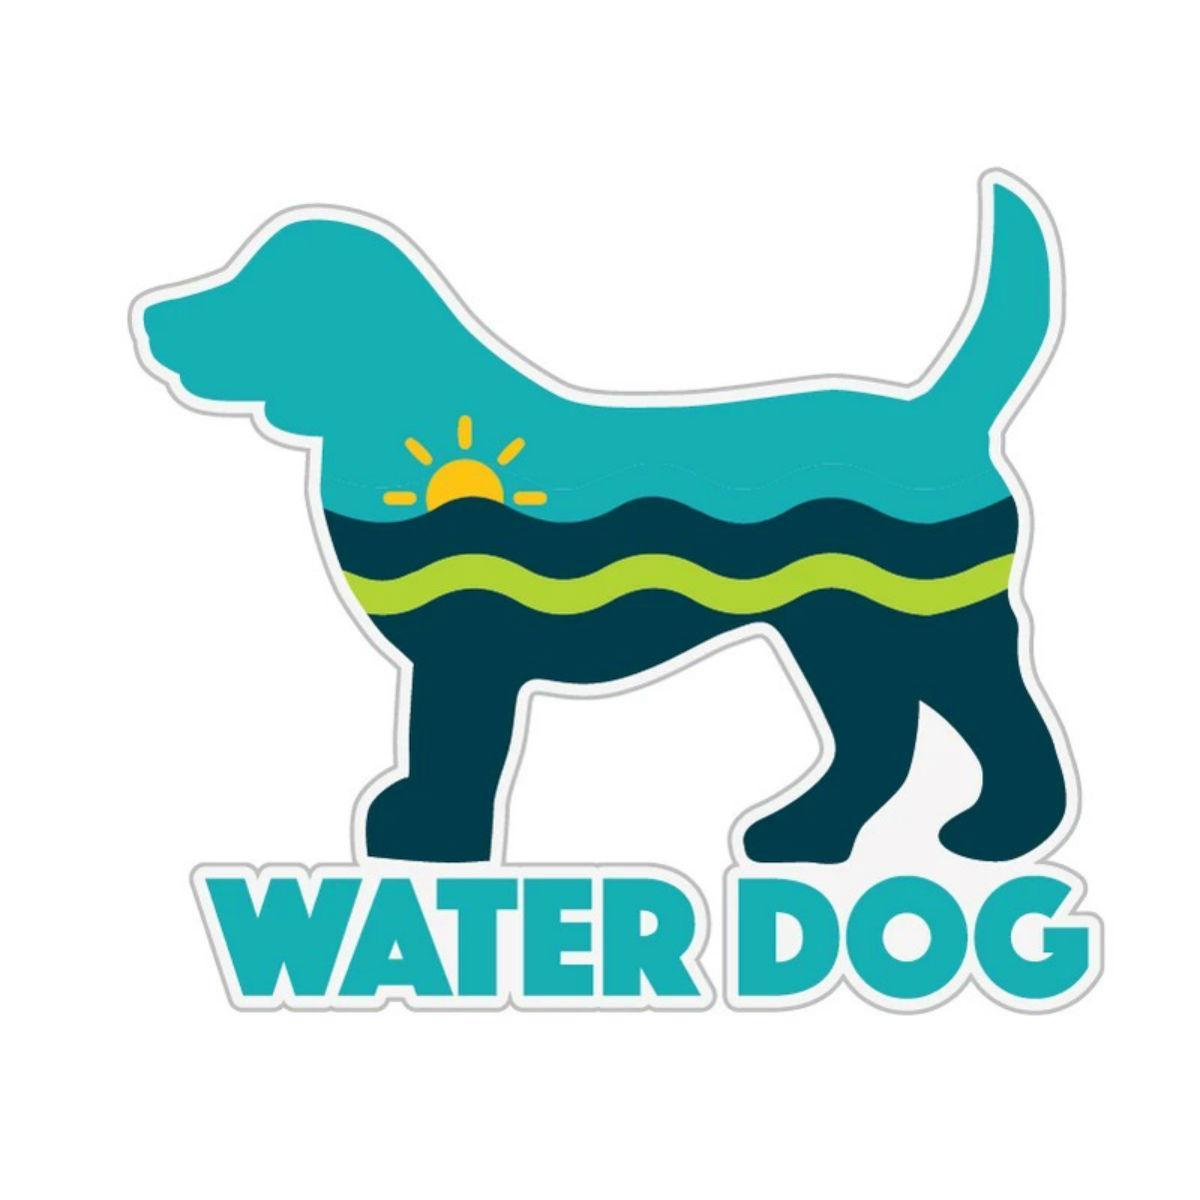 Water Dog Sticker by Dog Speak